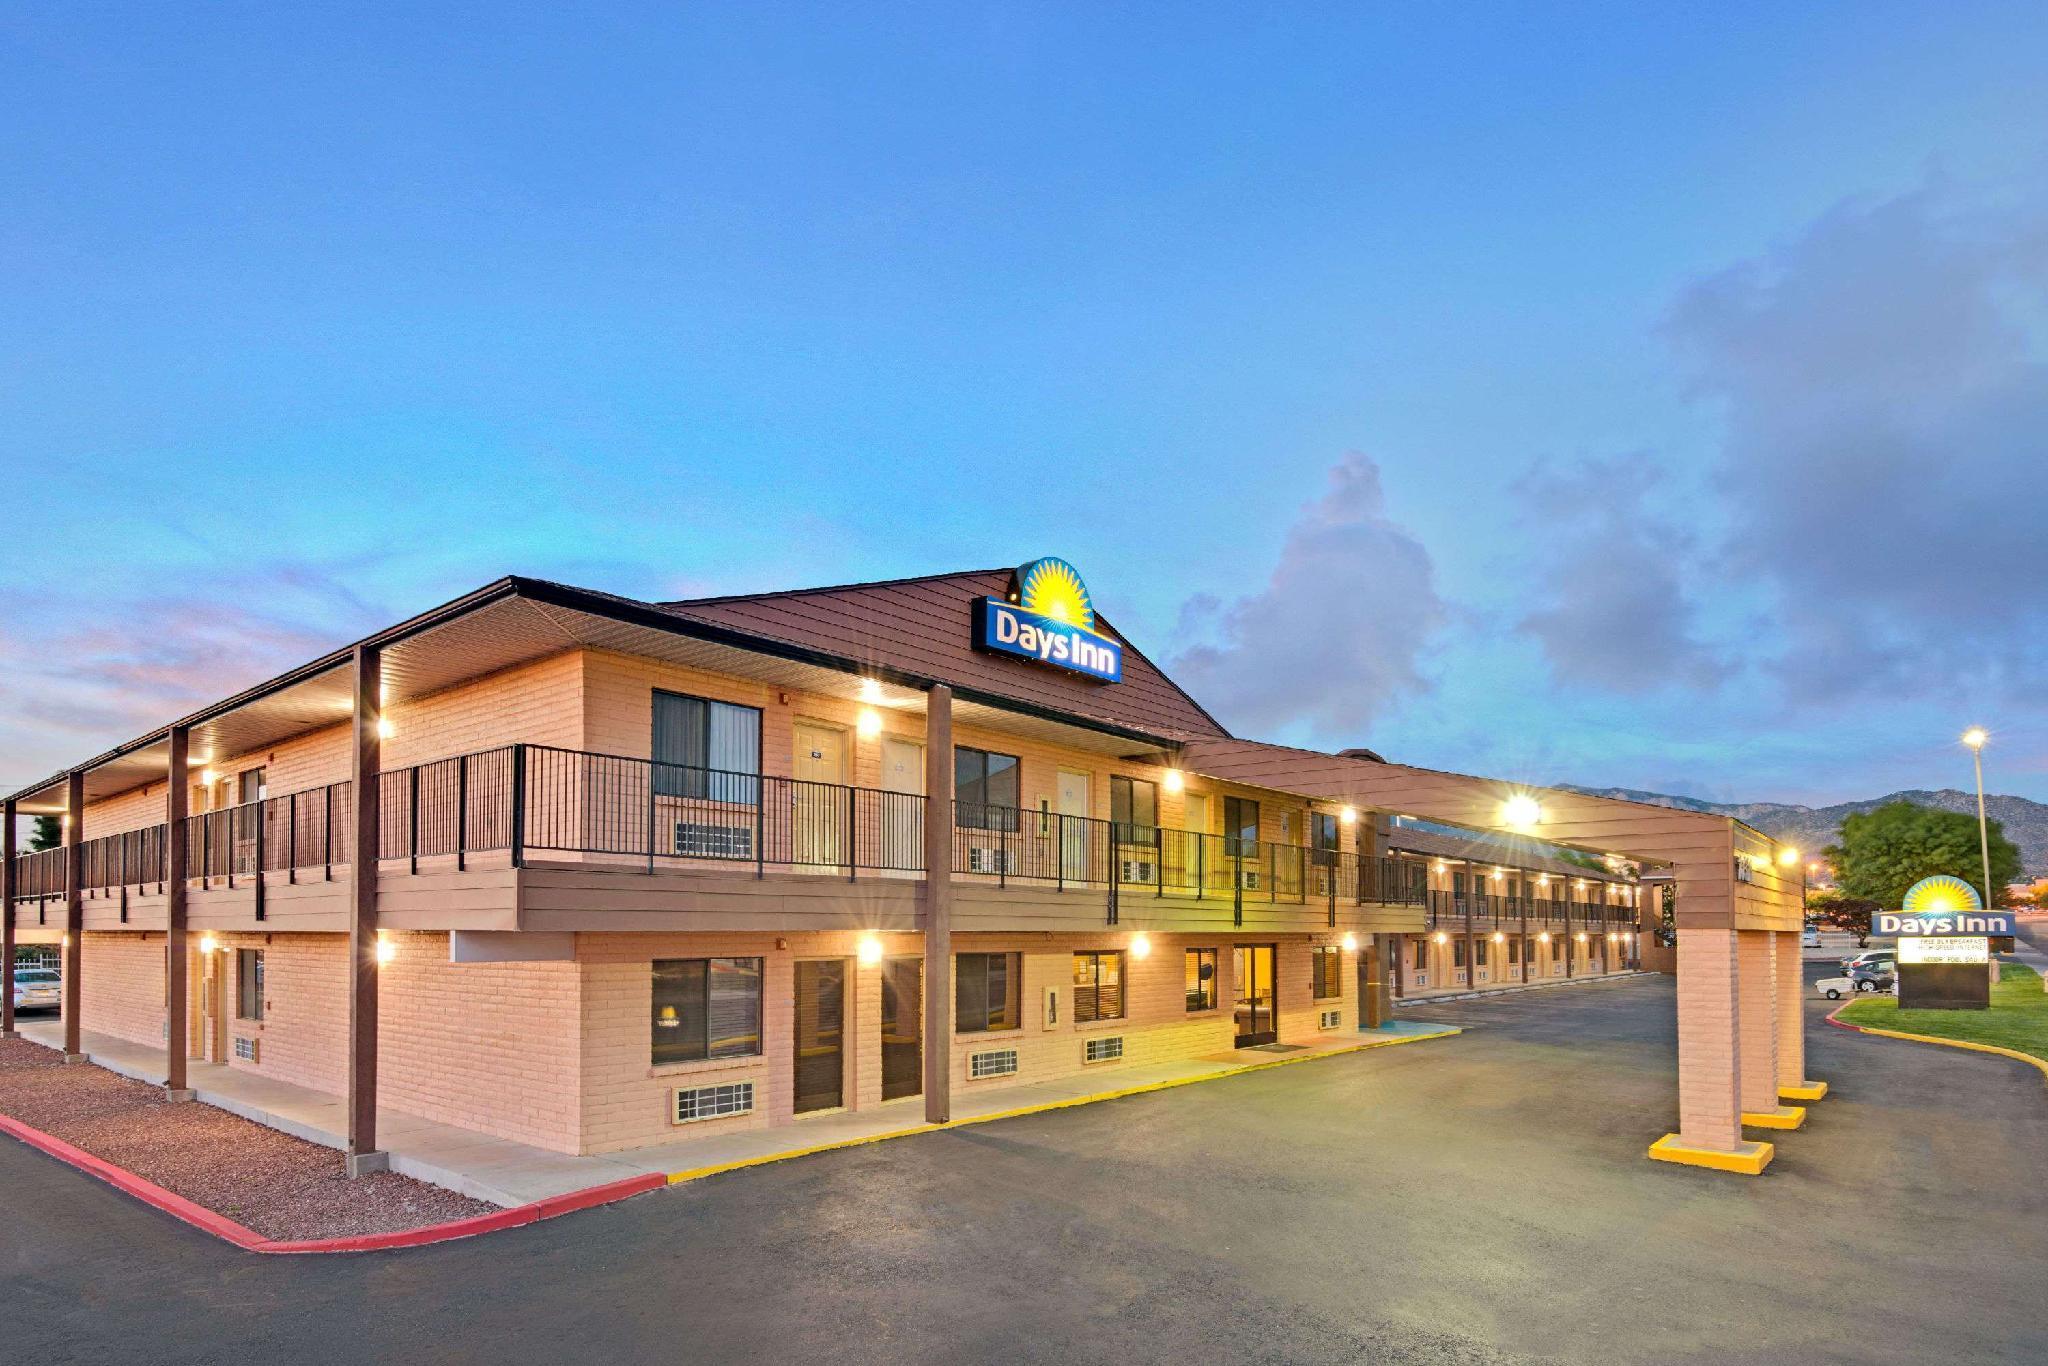 Days Inn By Wyndham East Albuquerque